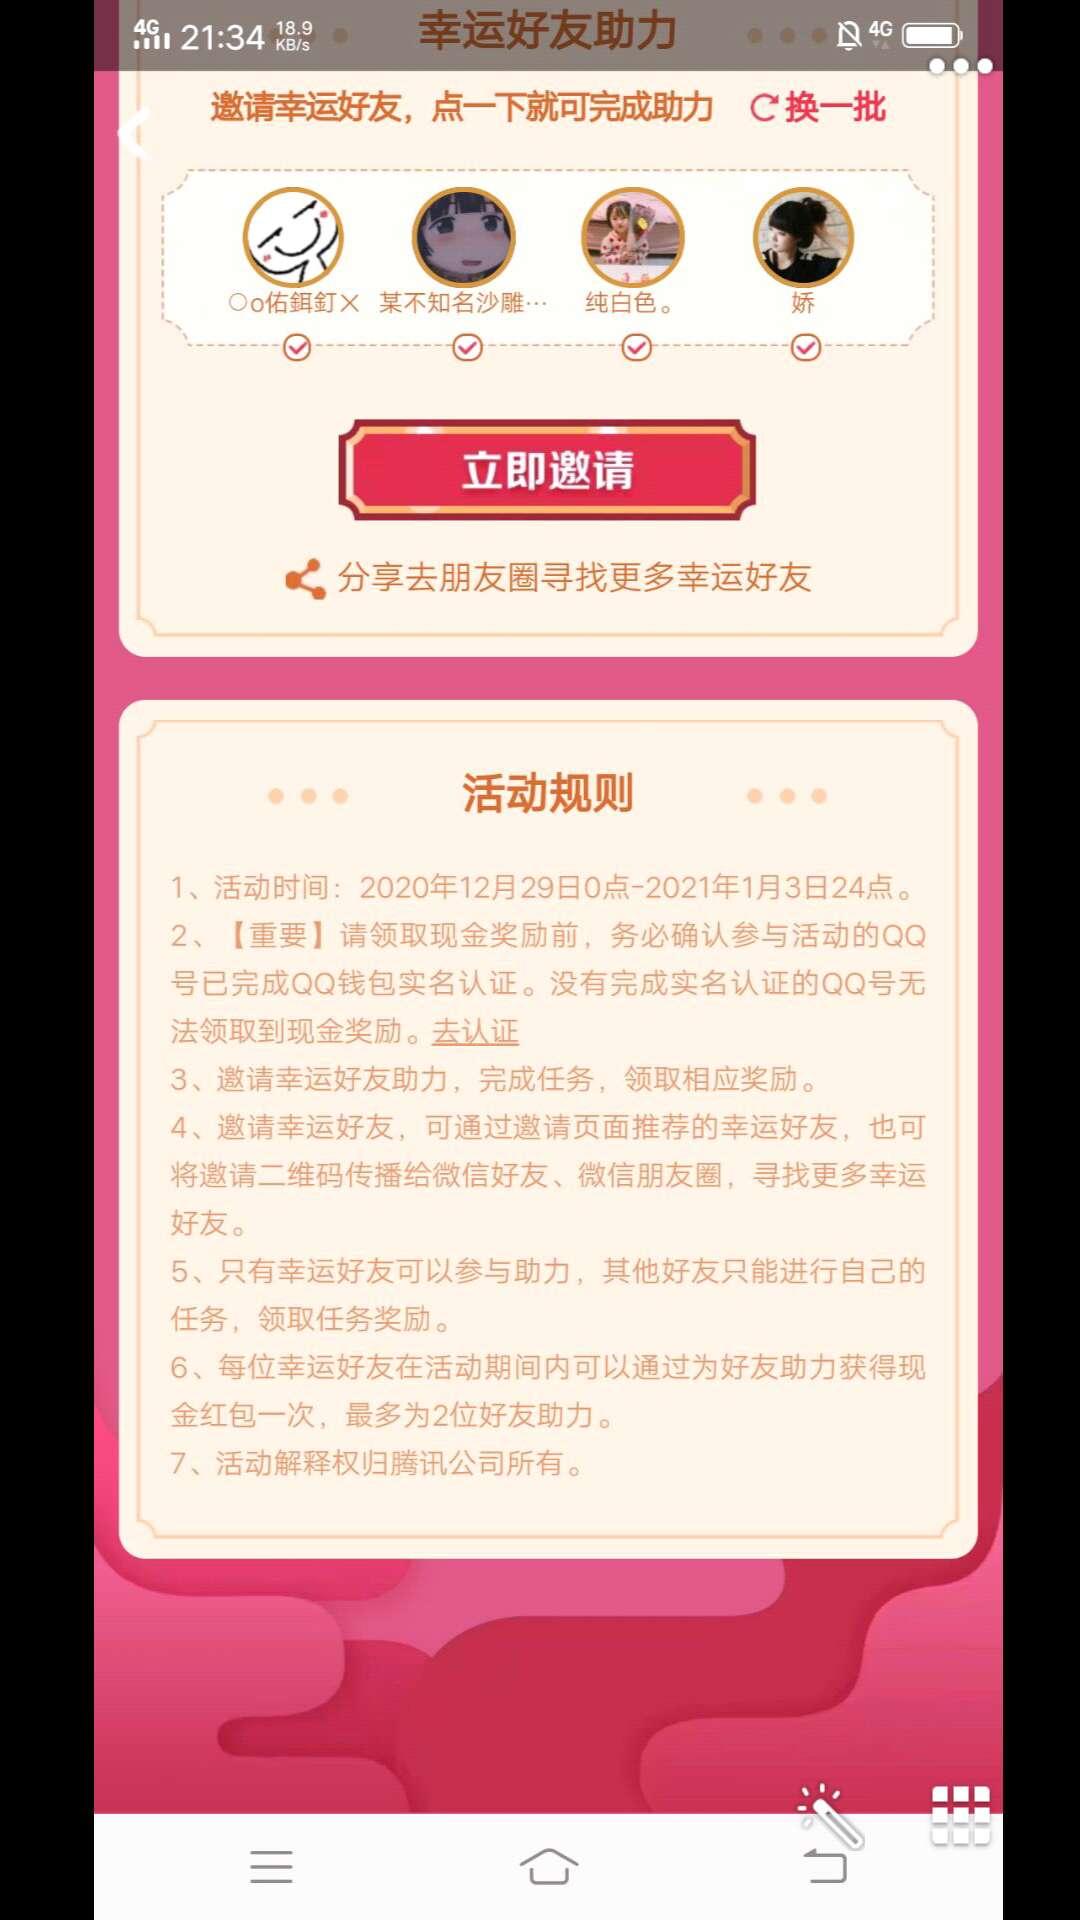 图片[1]-QQ福袋集卡108,必须幸运好友助力。-老友薅羊毛活动线报网